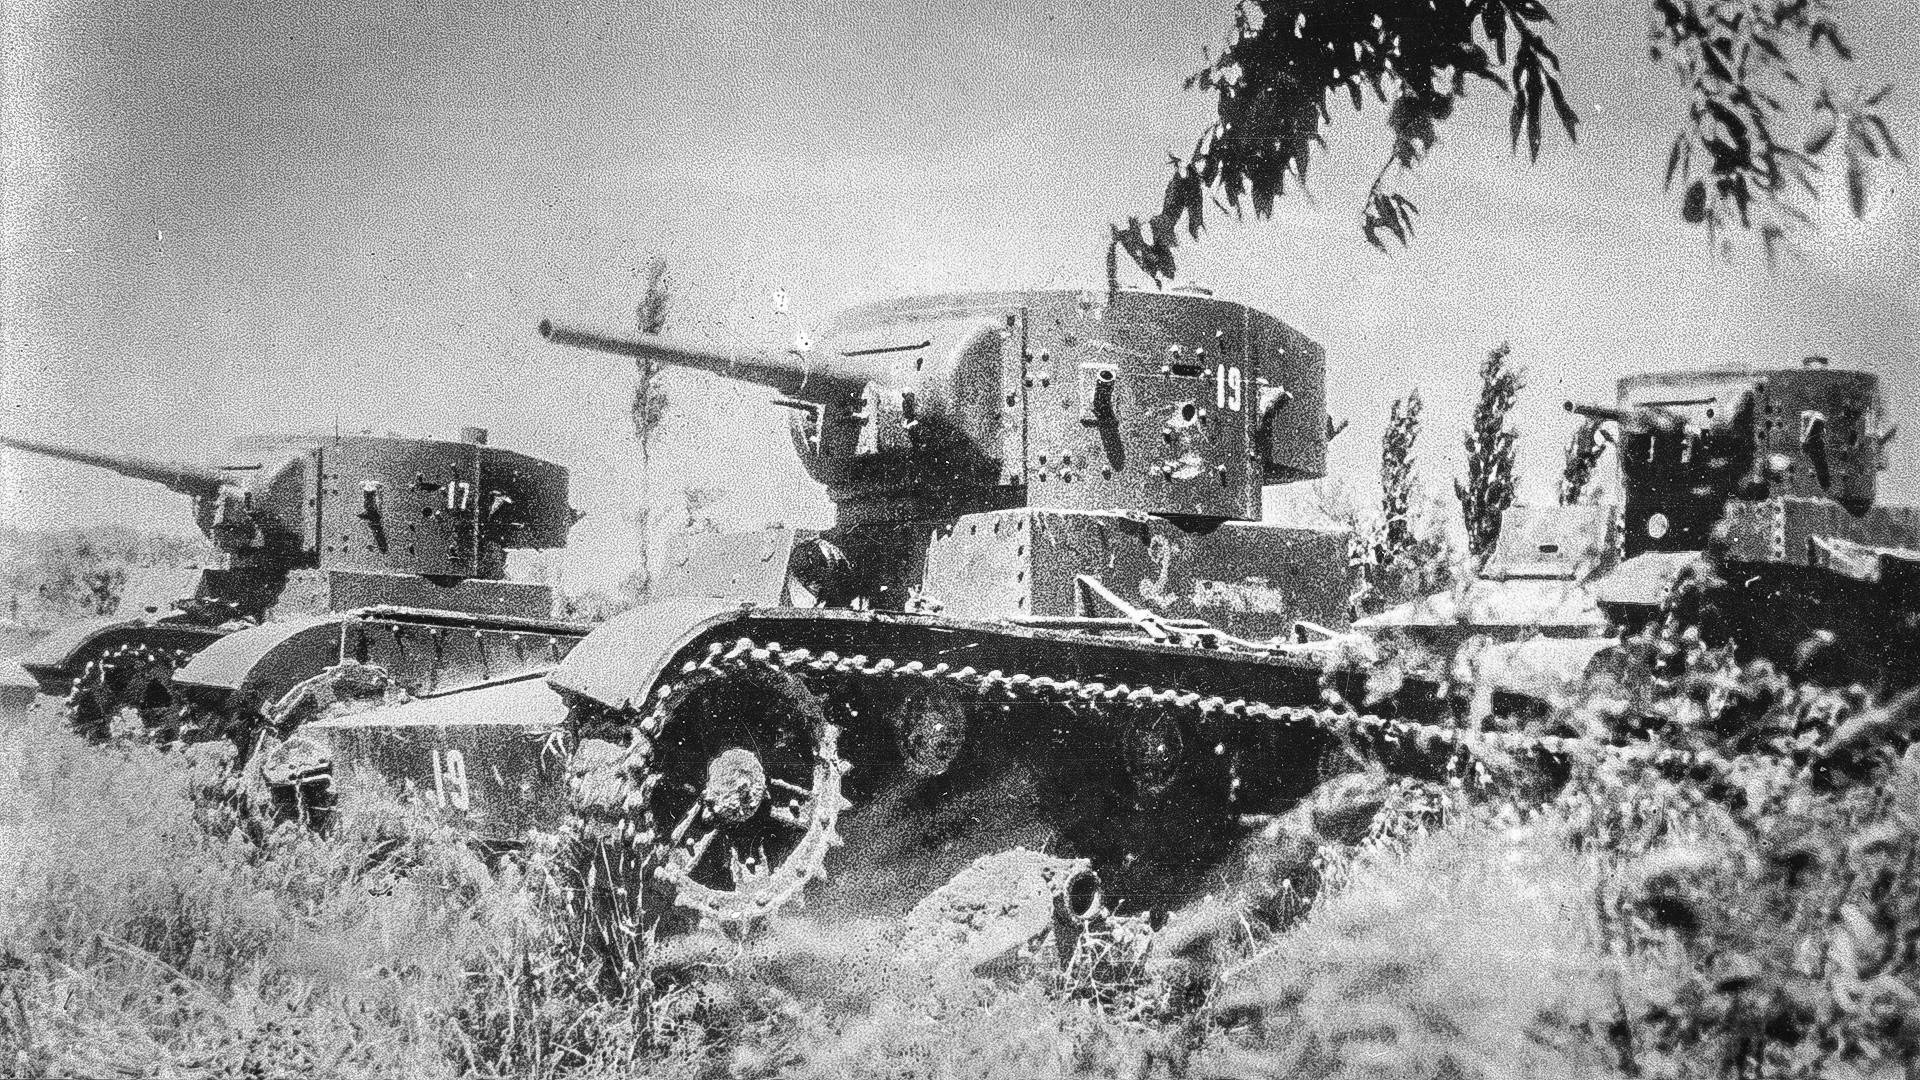 Tri laka tenka T-26 napravljena u Sovjetskom Savezu putuju kroz polje tijekom bitke u Španjolskoj tijekom Španjolskog građanskog rata.